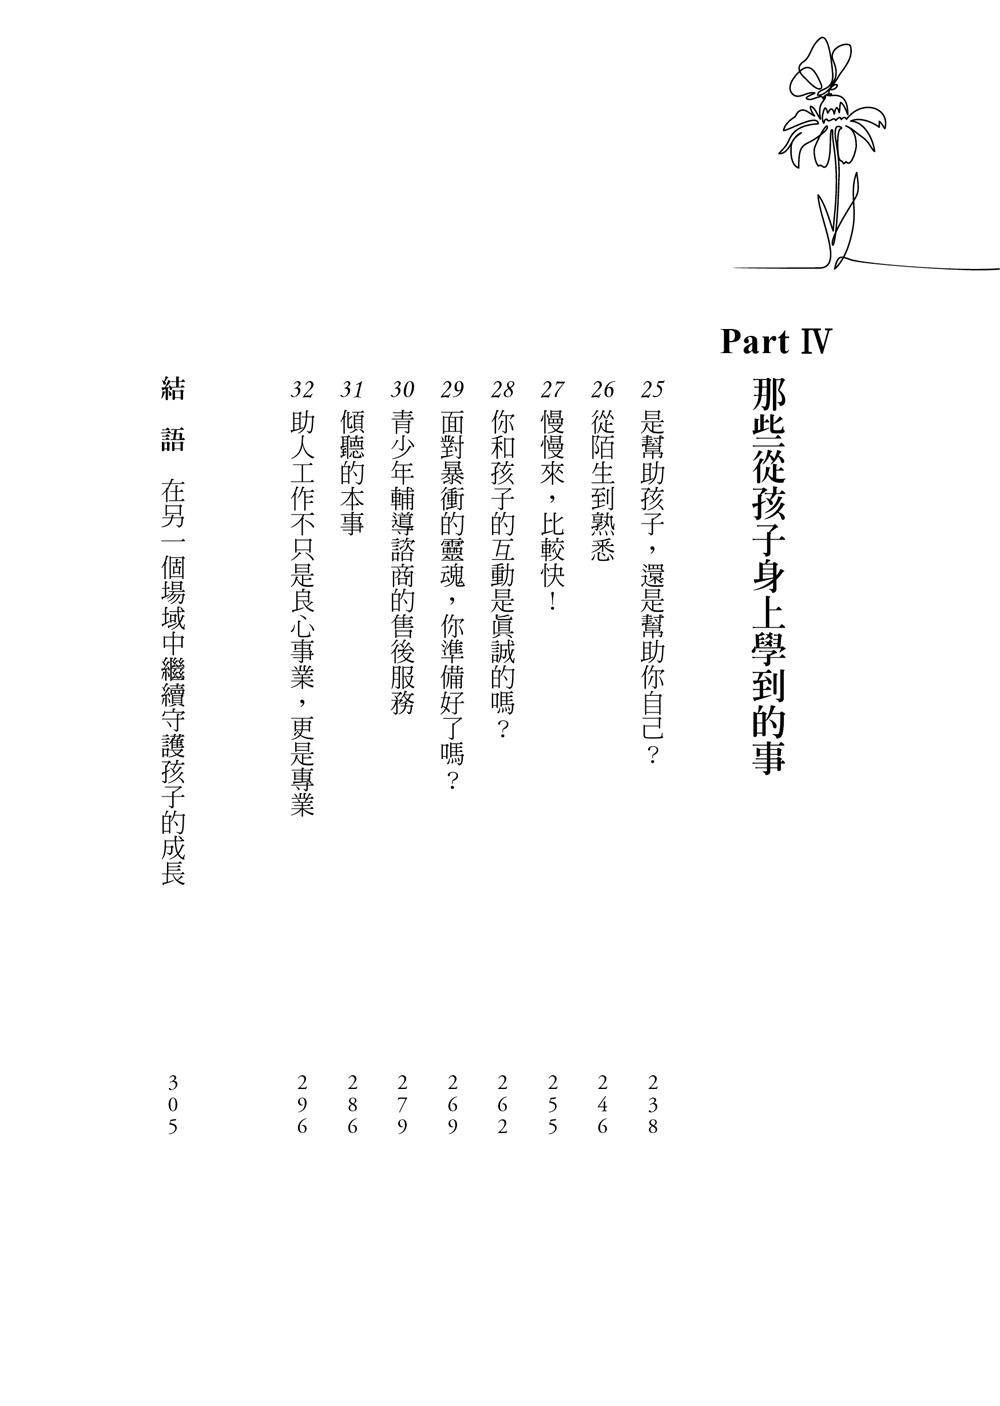 http://im2.book.com.tw/image/getImage?i=http://www.books.com.tw/img/001/077/08/0010770814_b_05.jpg&v=5a0c1765&w=655&h=609